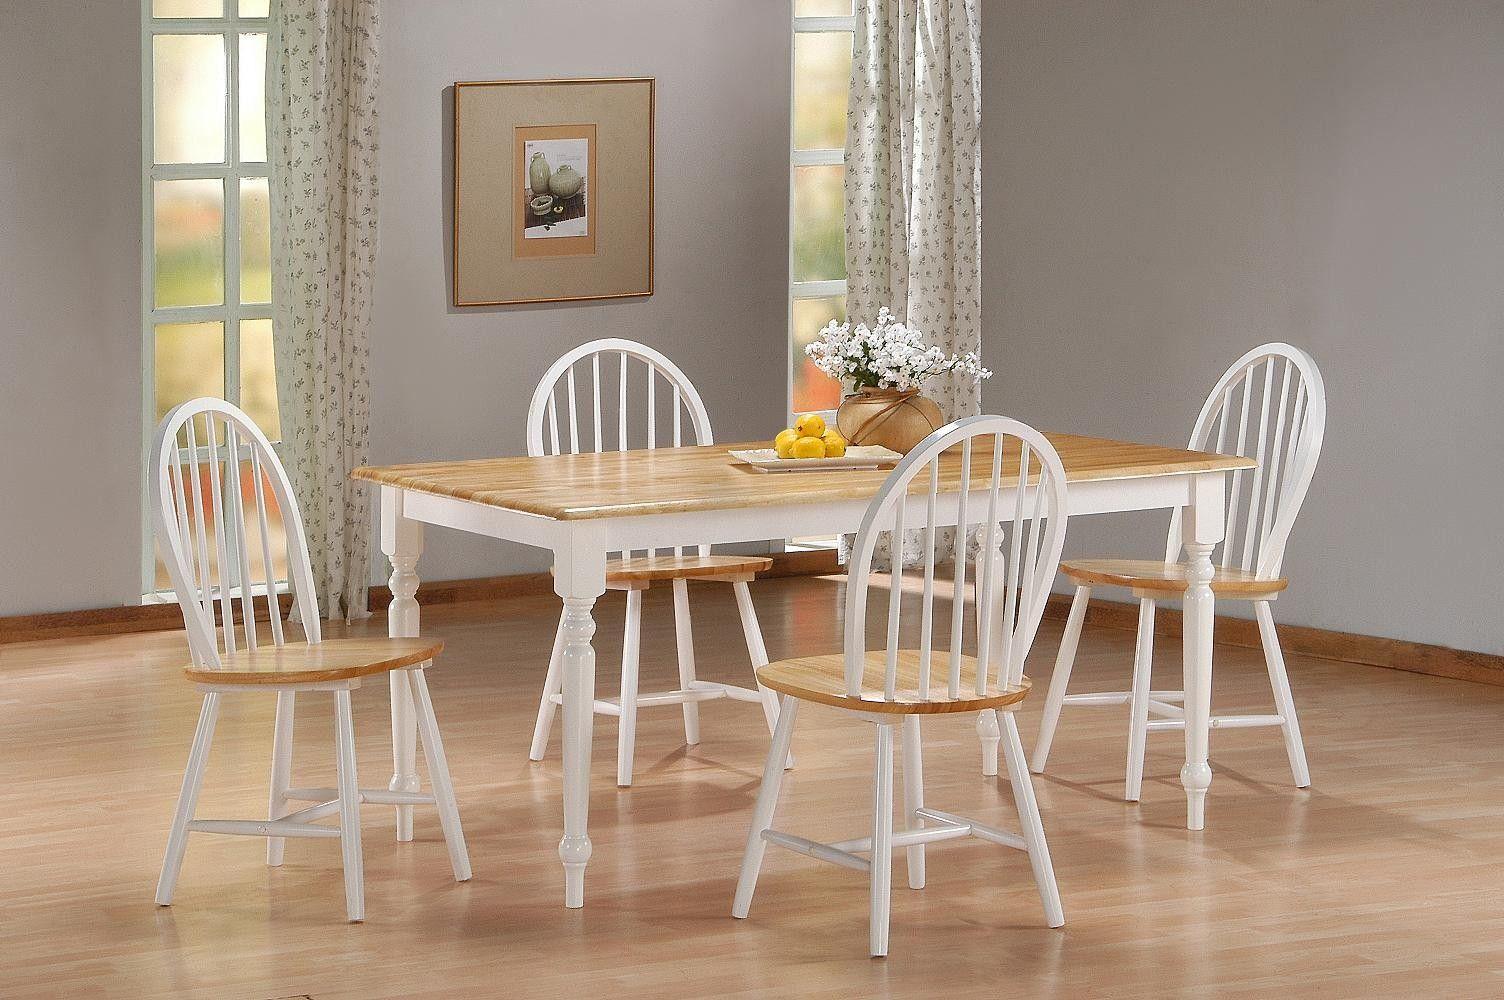 35+ White dining set 5 piece Best